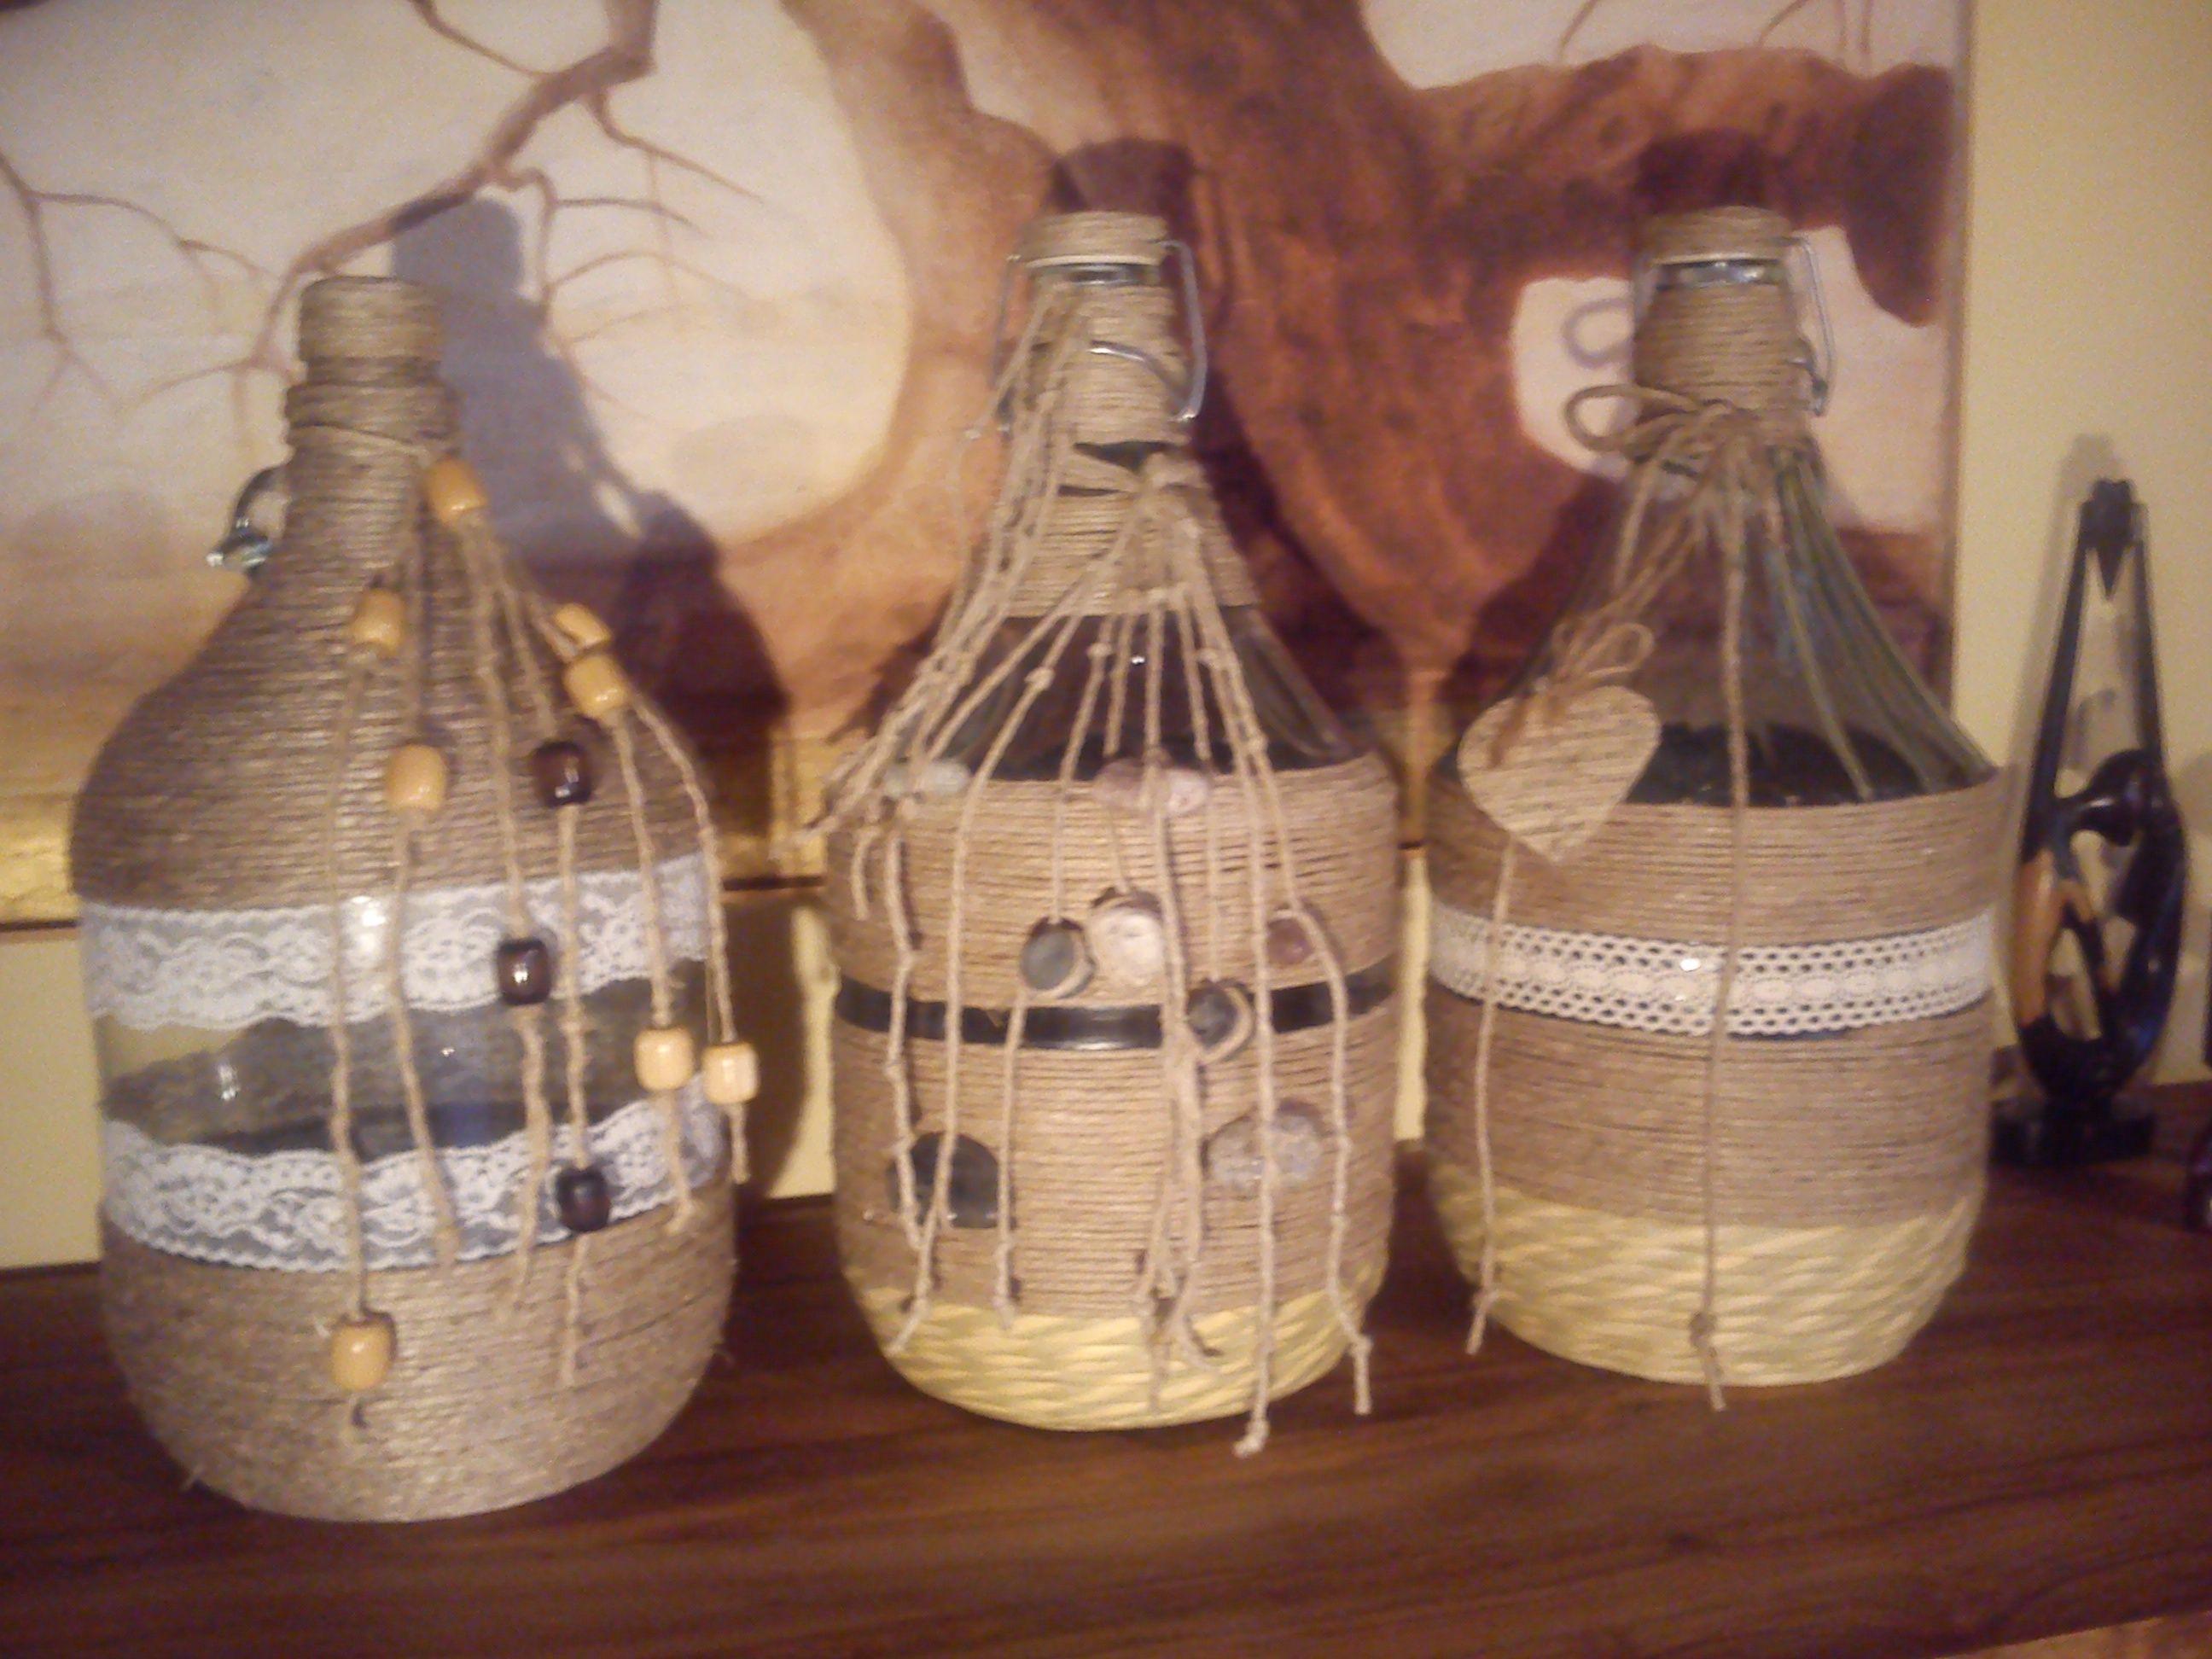 Riciclate piccole damigiane e decorate con materiale di - Damigiane decorate ...